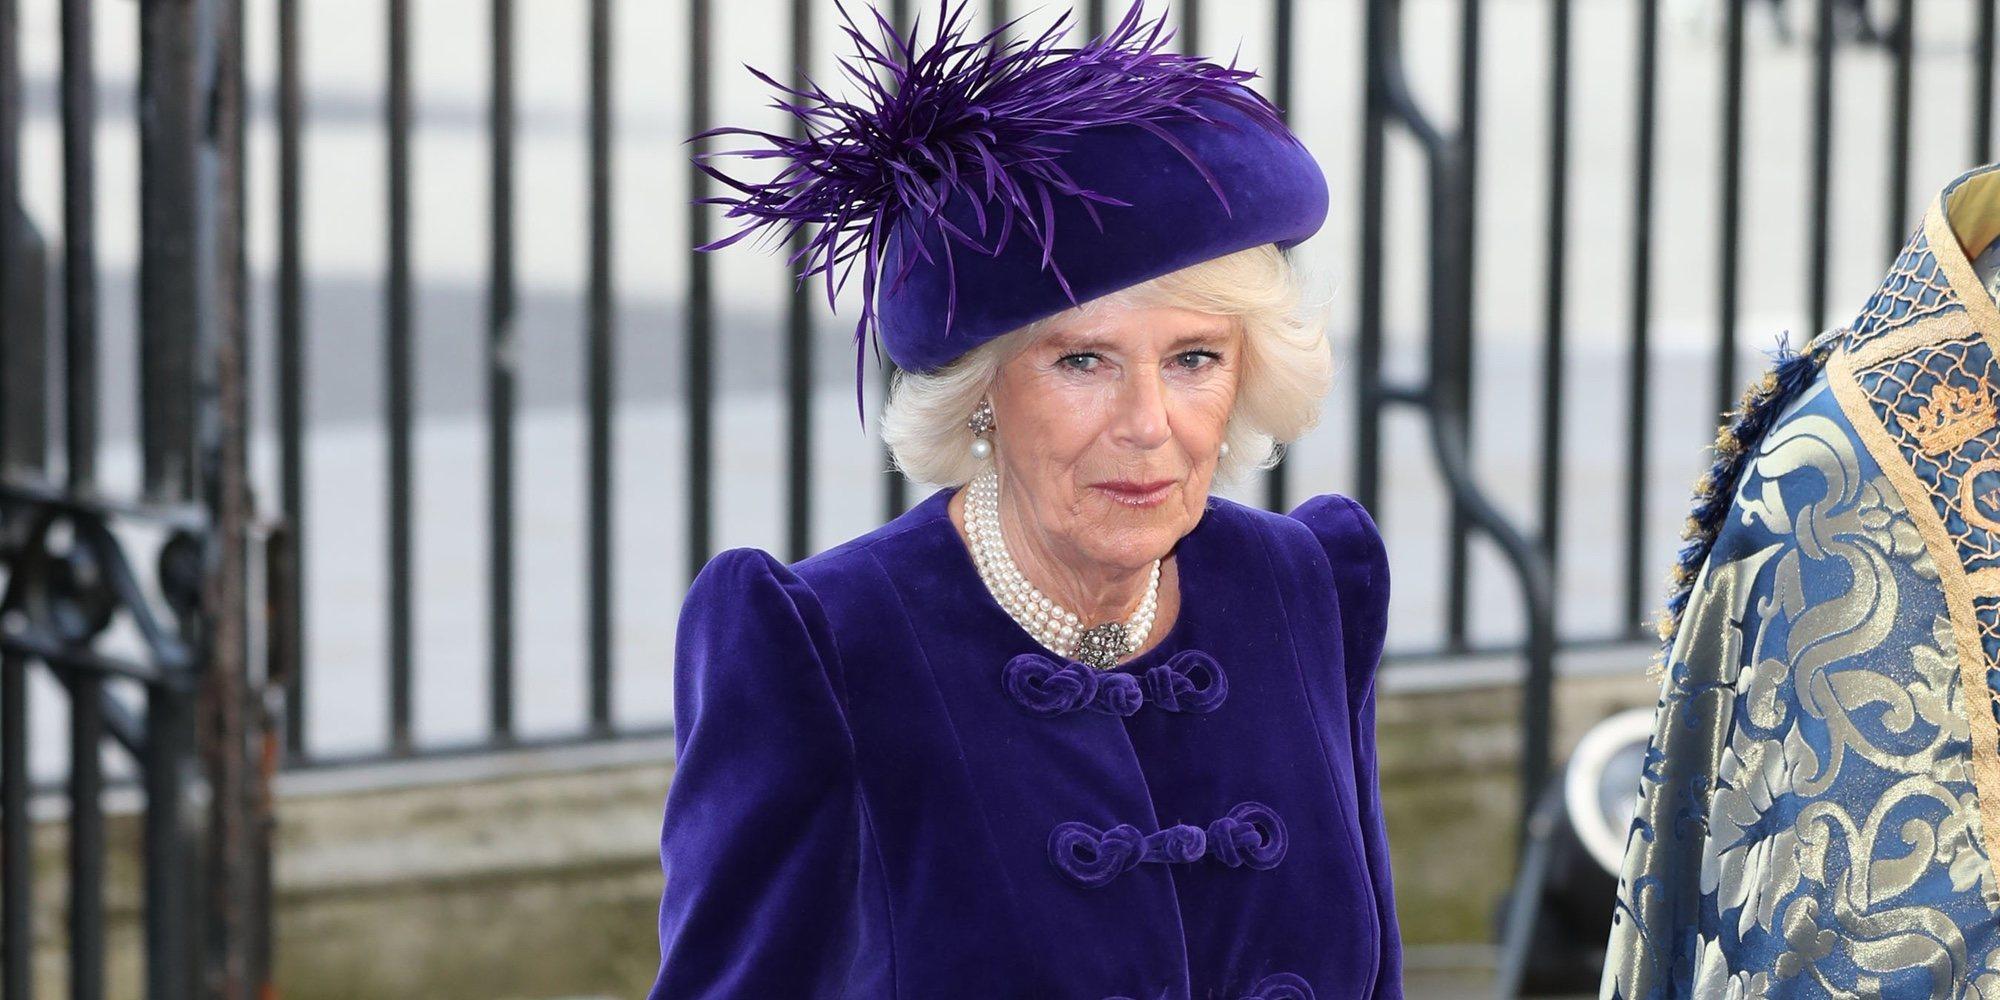 Una infección impide a la Duquesa de Cornualles cumplir con su agenda